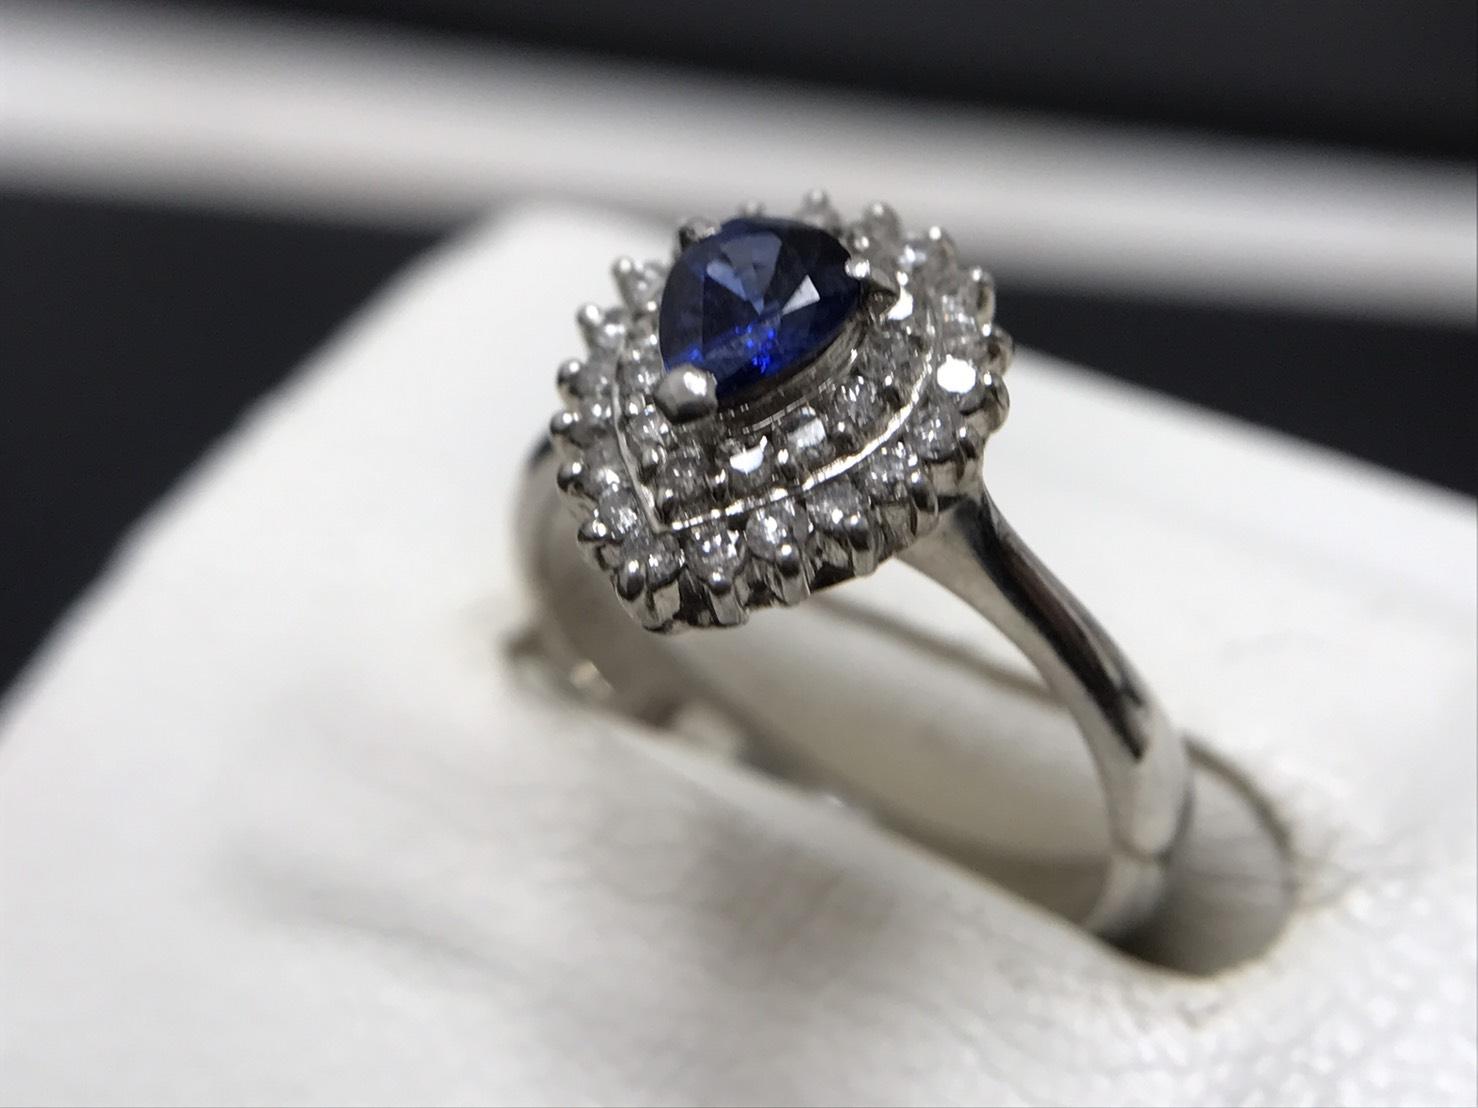 サファイア 0.31ct メレダイヤモンド 0.28ct リング Pt900 プラチナ 宝石 高価買取 七条店